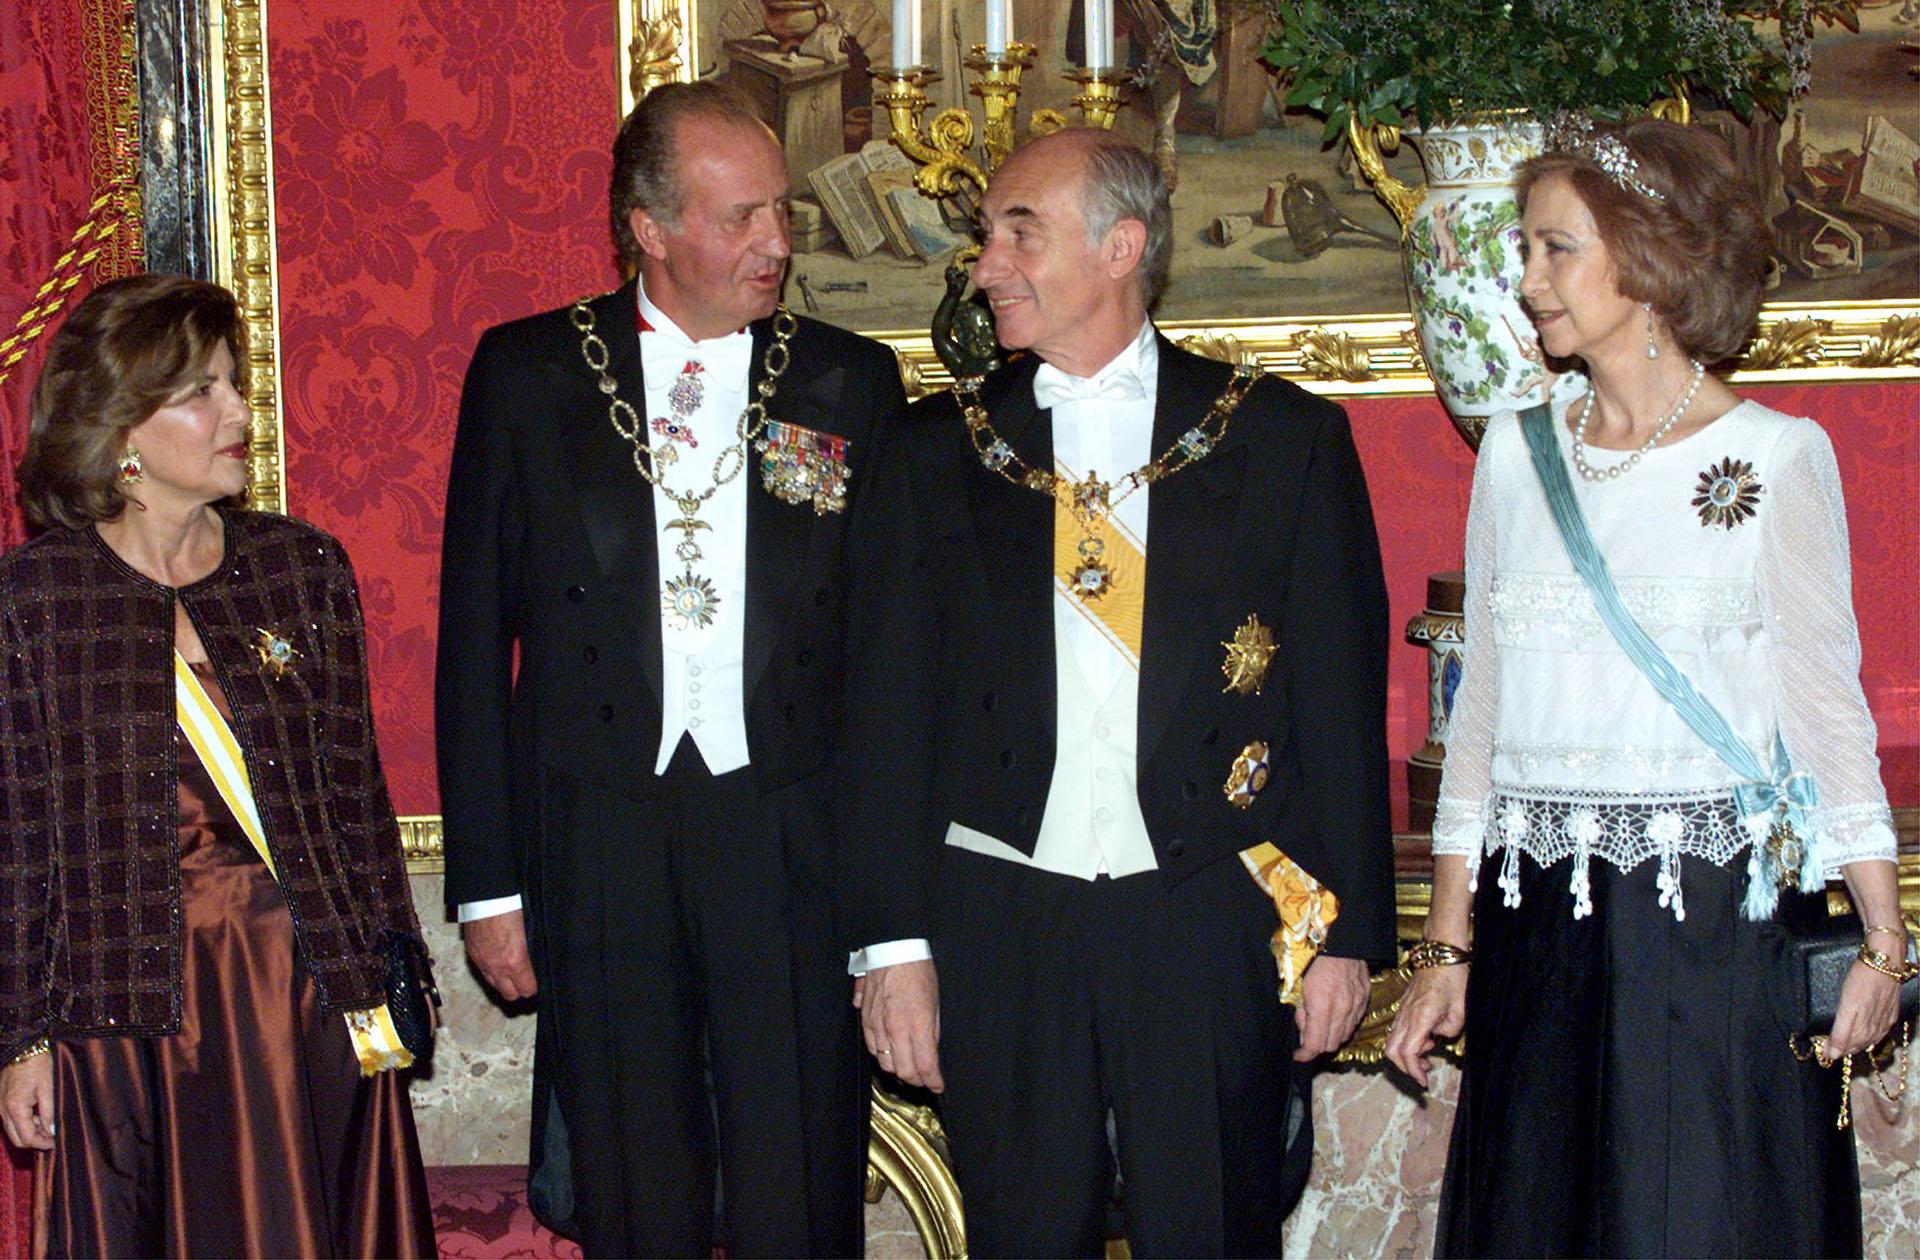 Con el rey Juan Carlos de España. De la Rúa asumió como presidente el 10 de diciembre de 1999 y renunció el 21 de diciembre de 2001 en medio de una grave crisis social, económica y política sin precedentes